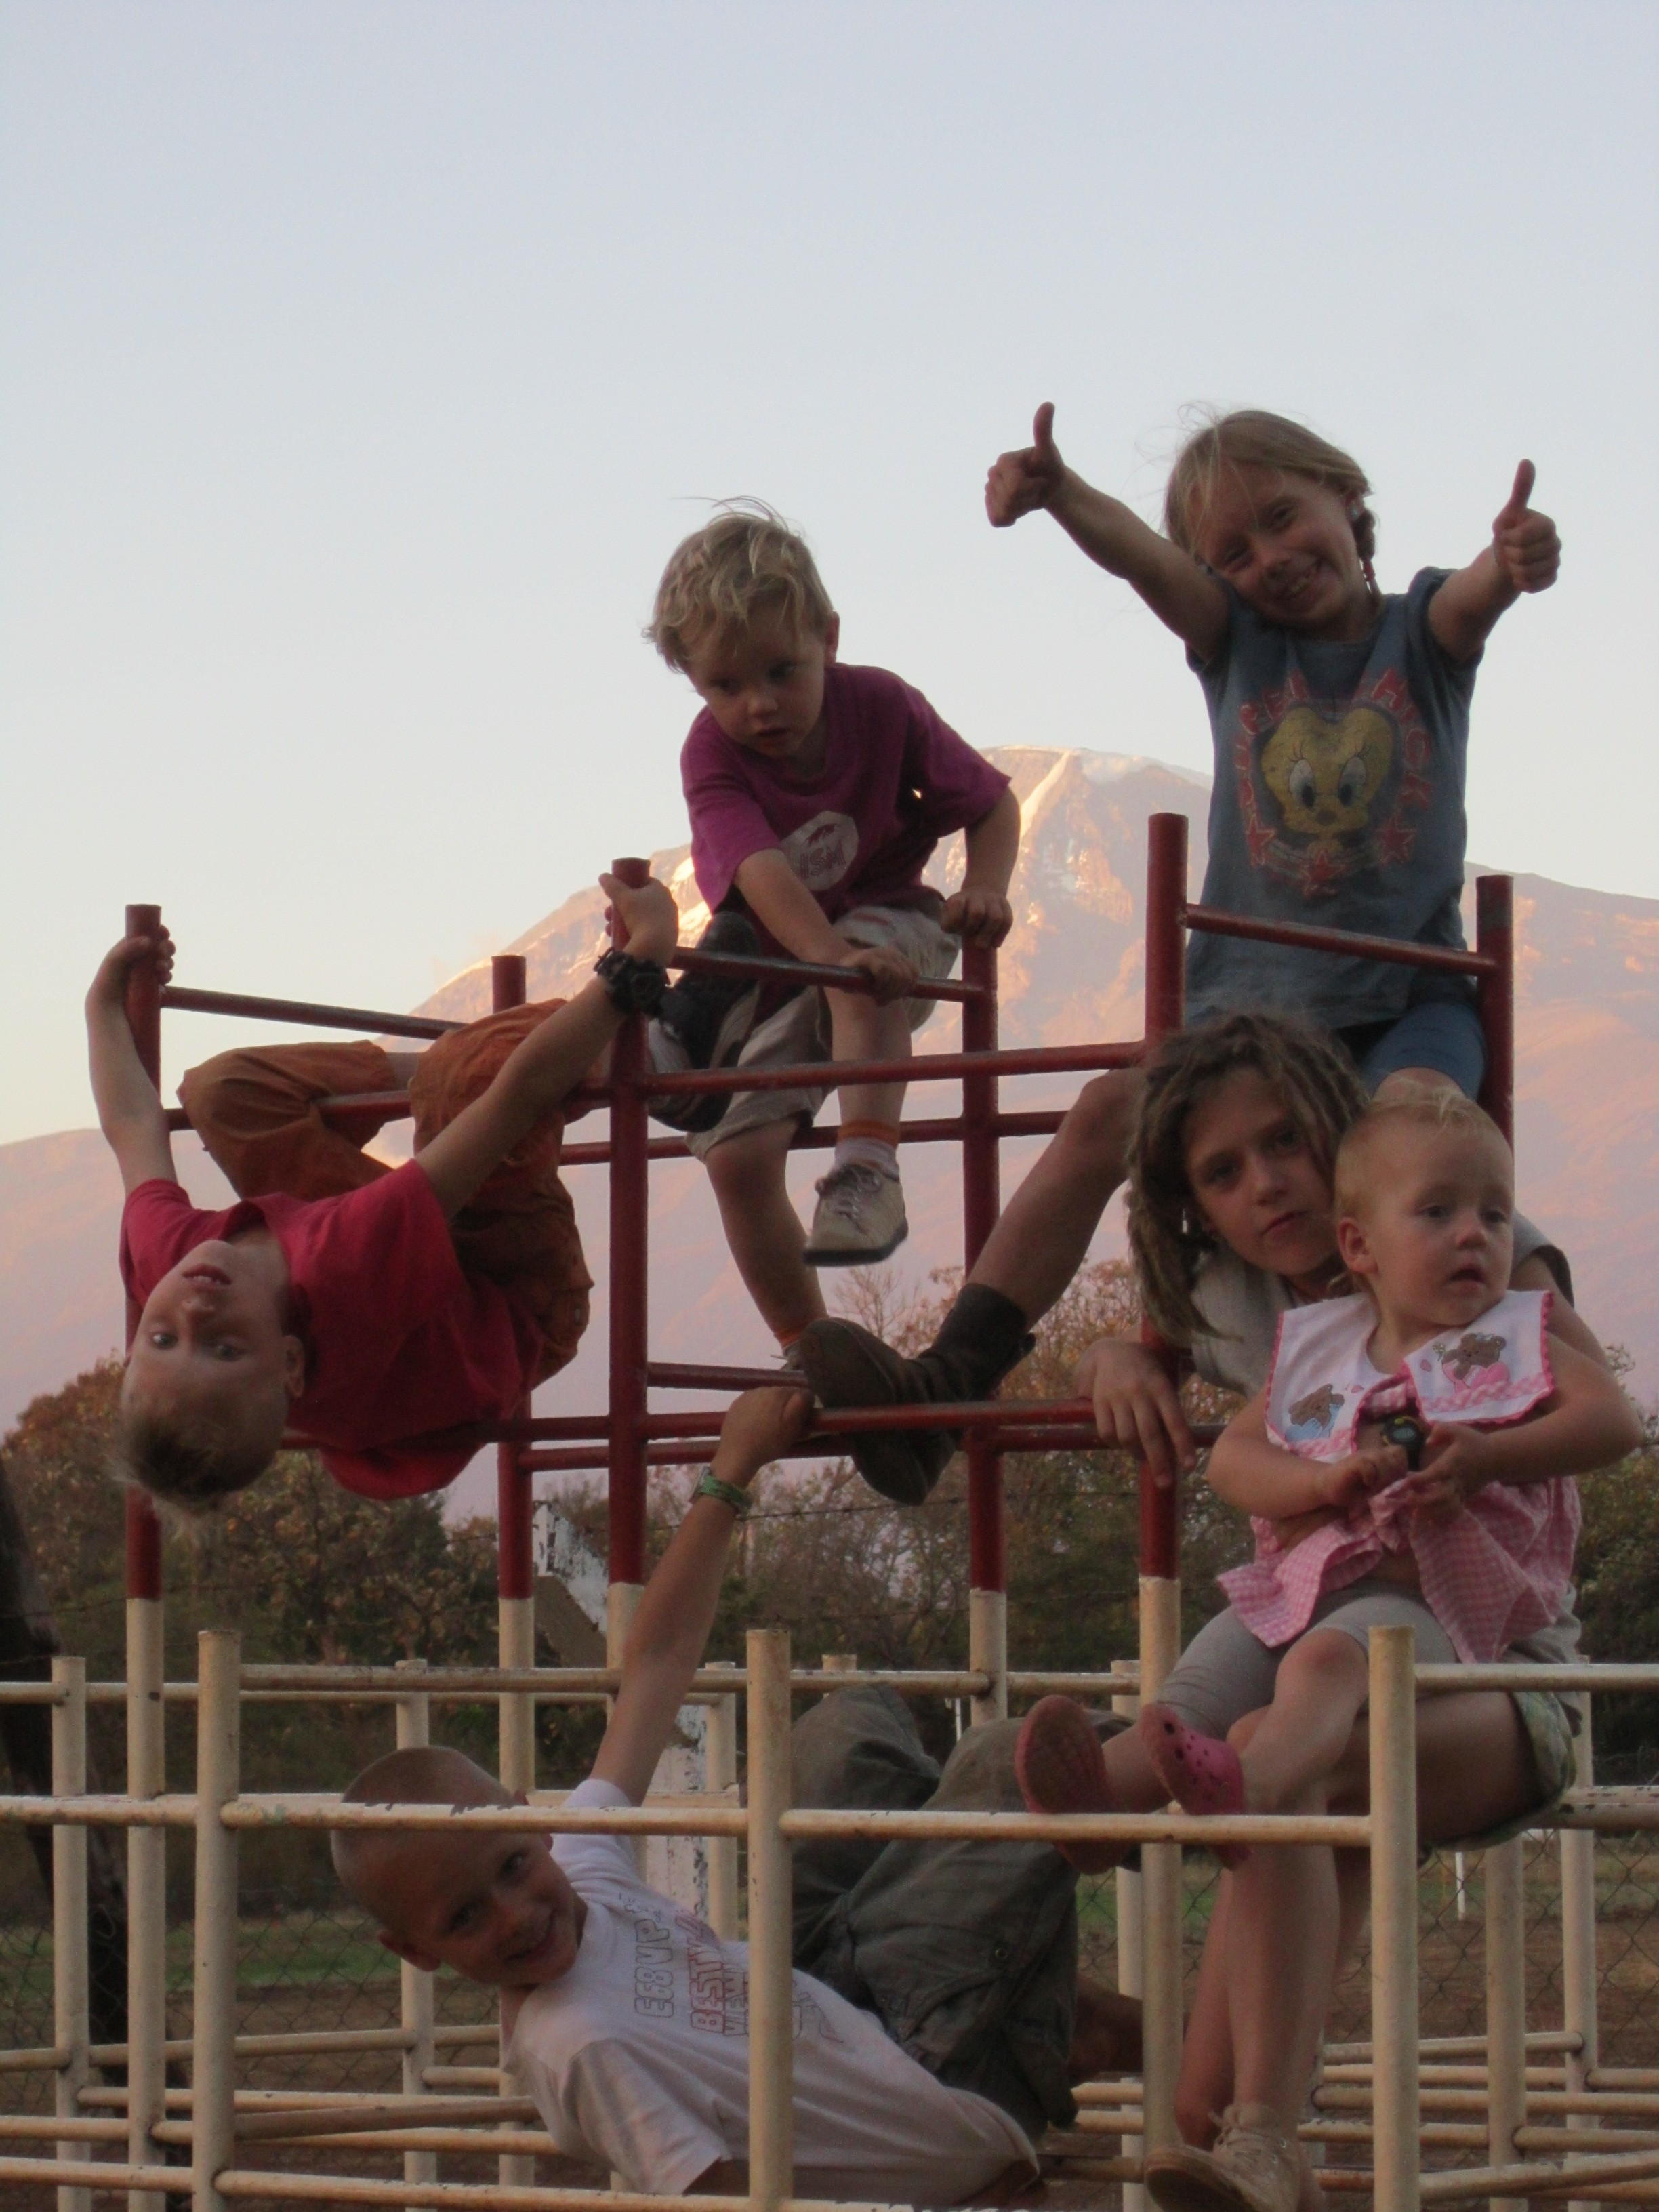 Boven: Hugo, Steven, Doris. Onder: Willem, Ida, Vicky